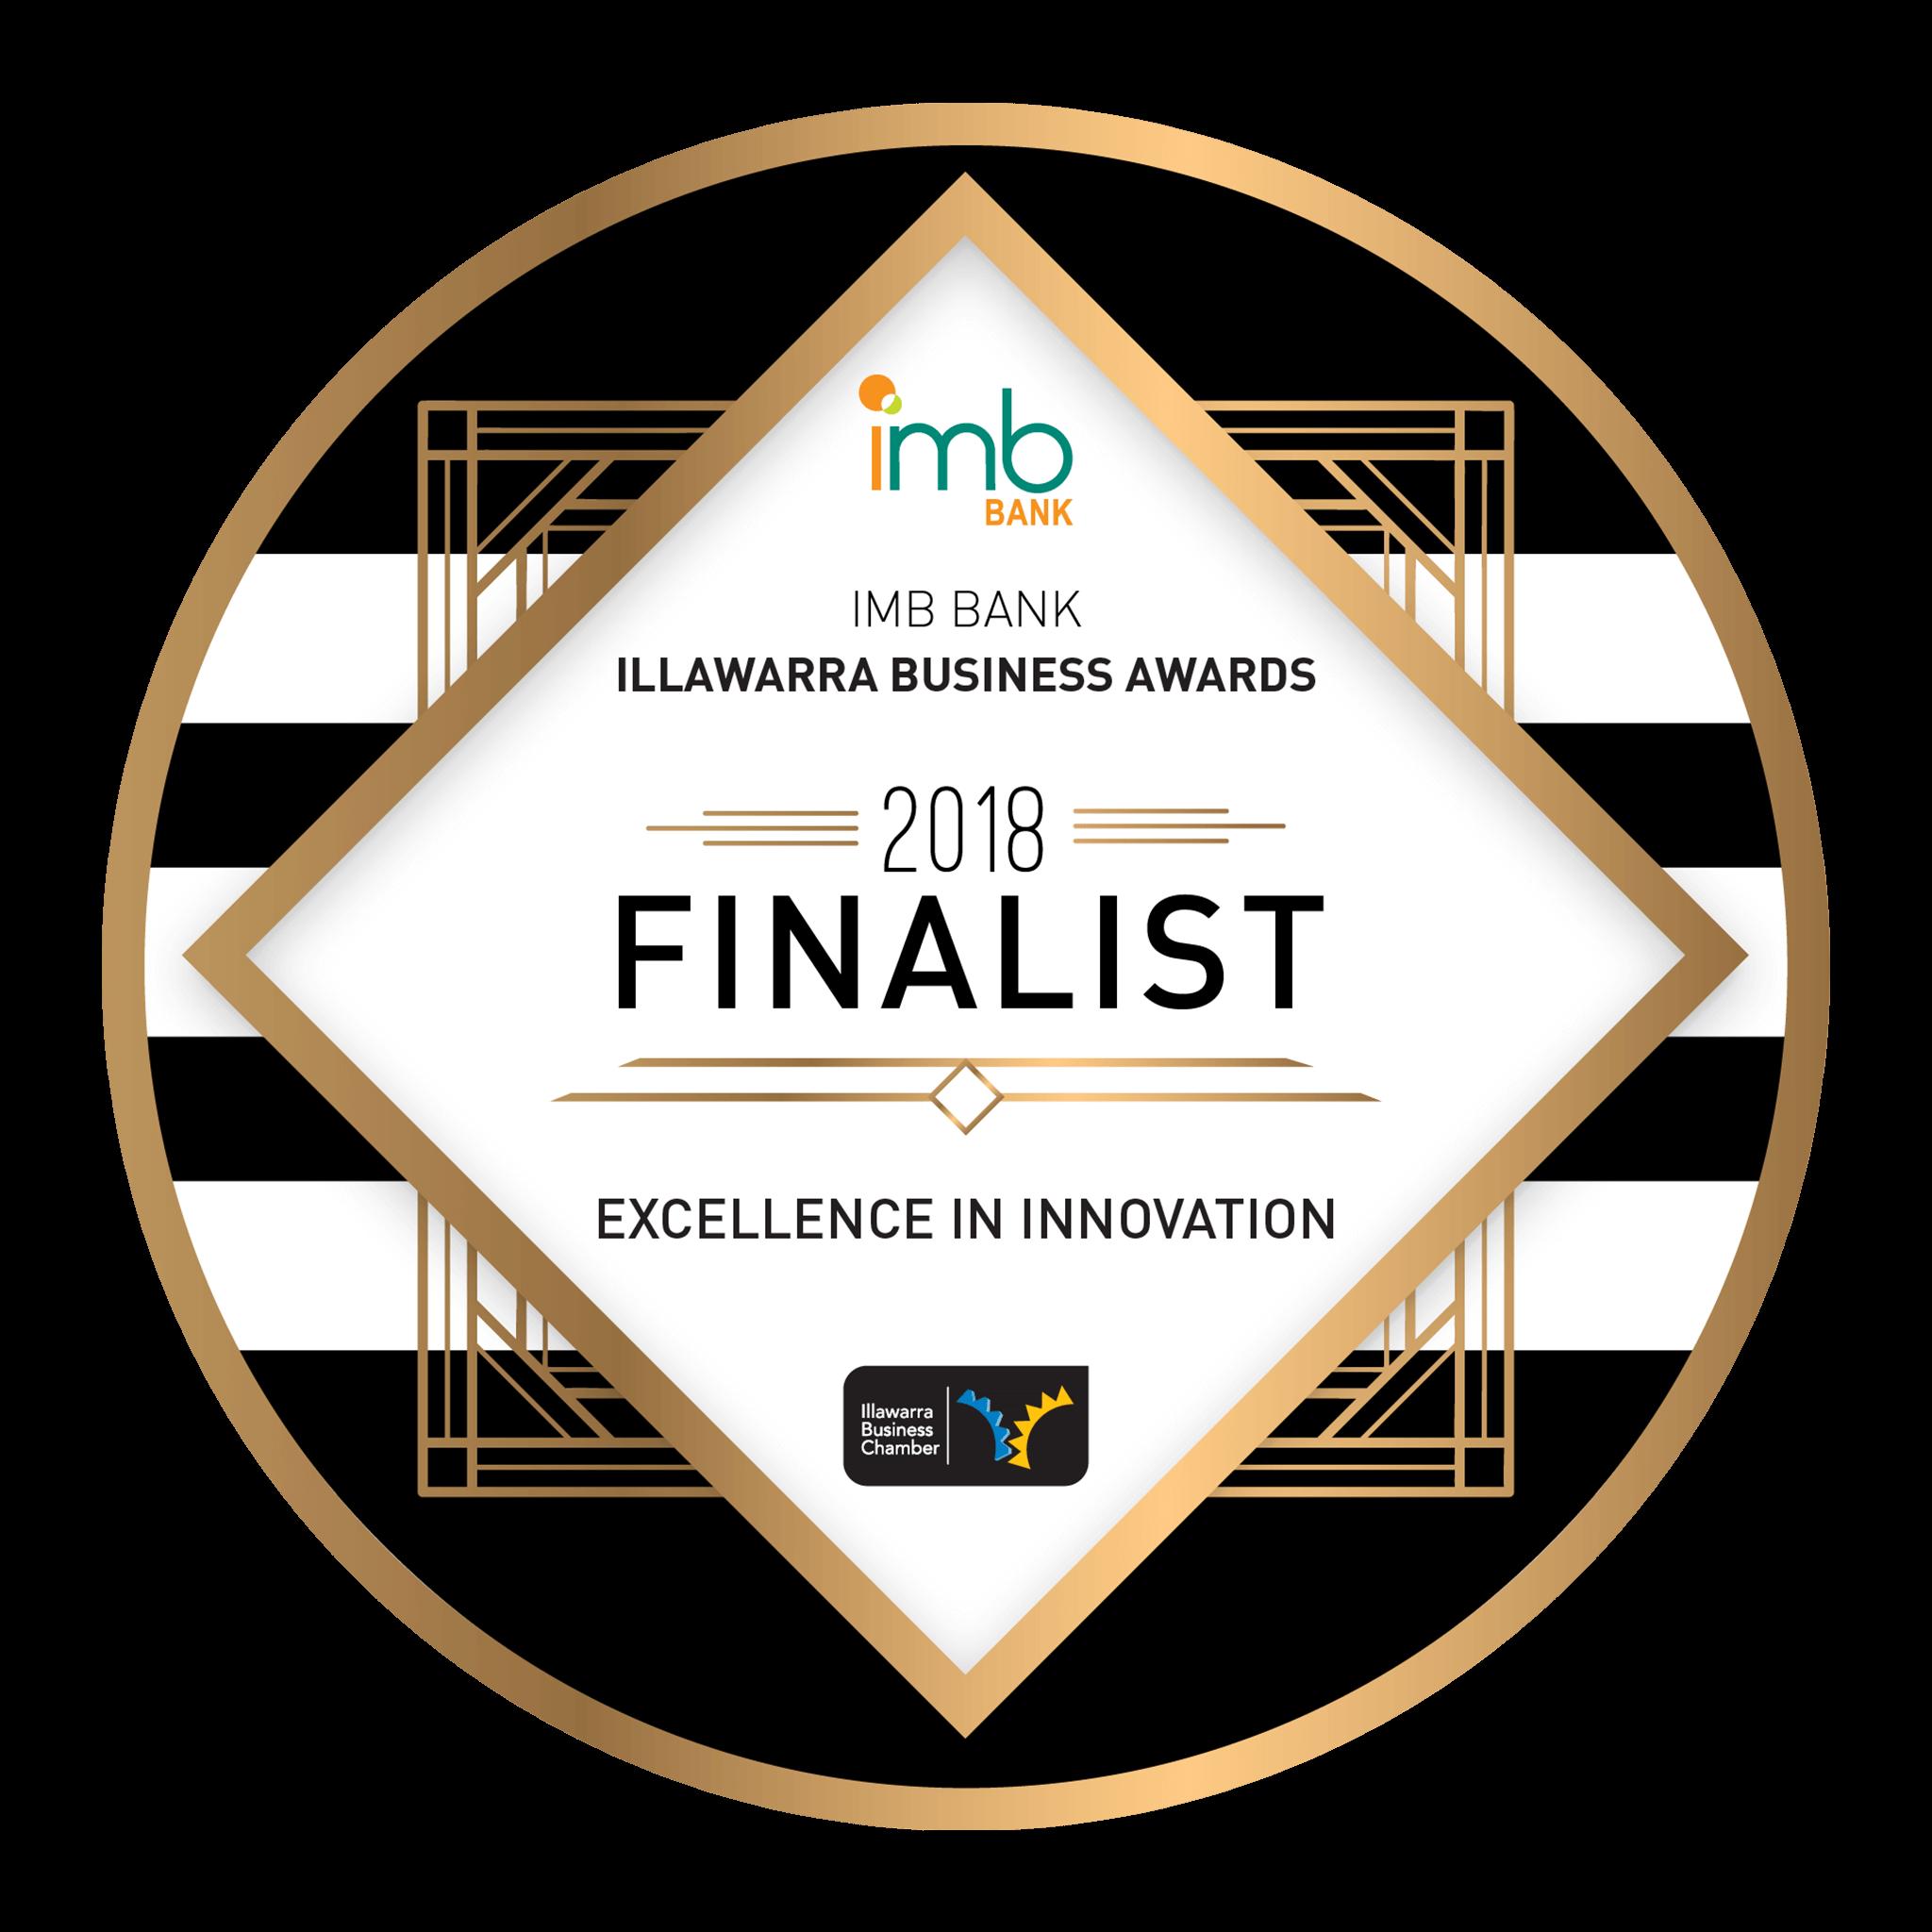 nac-awards-illawarra-business-awards-2018